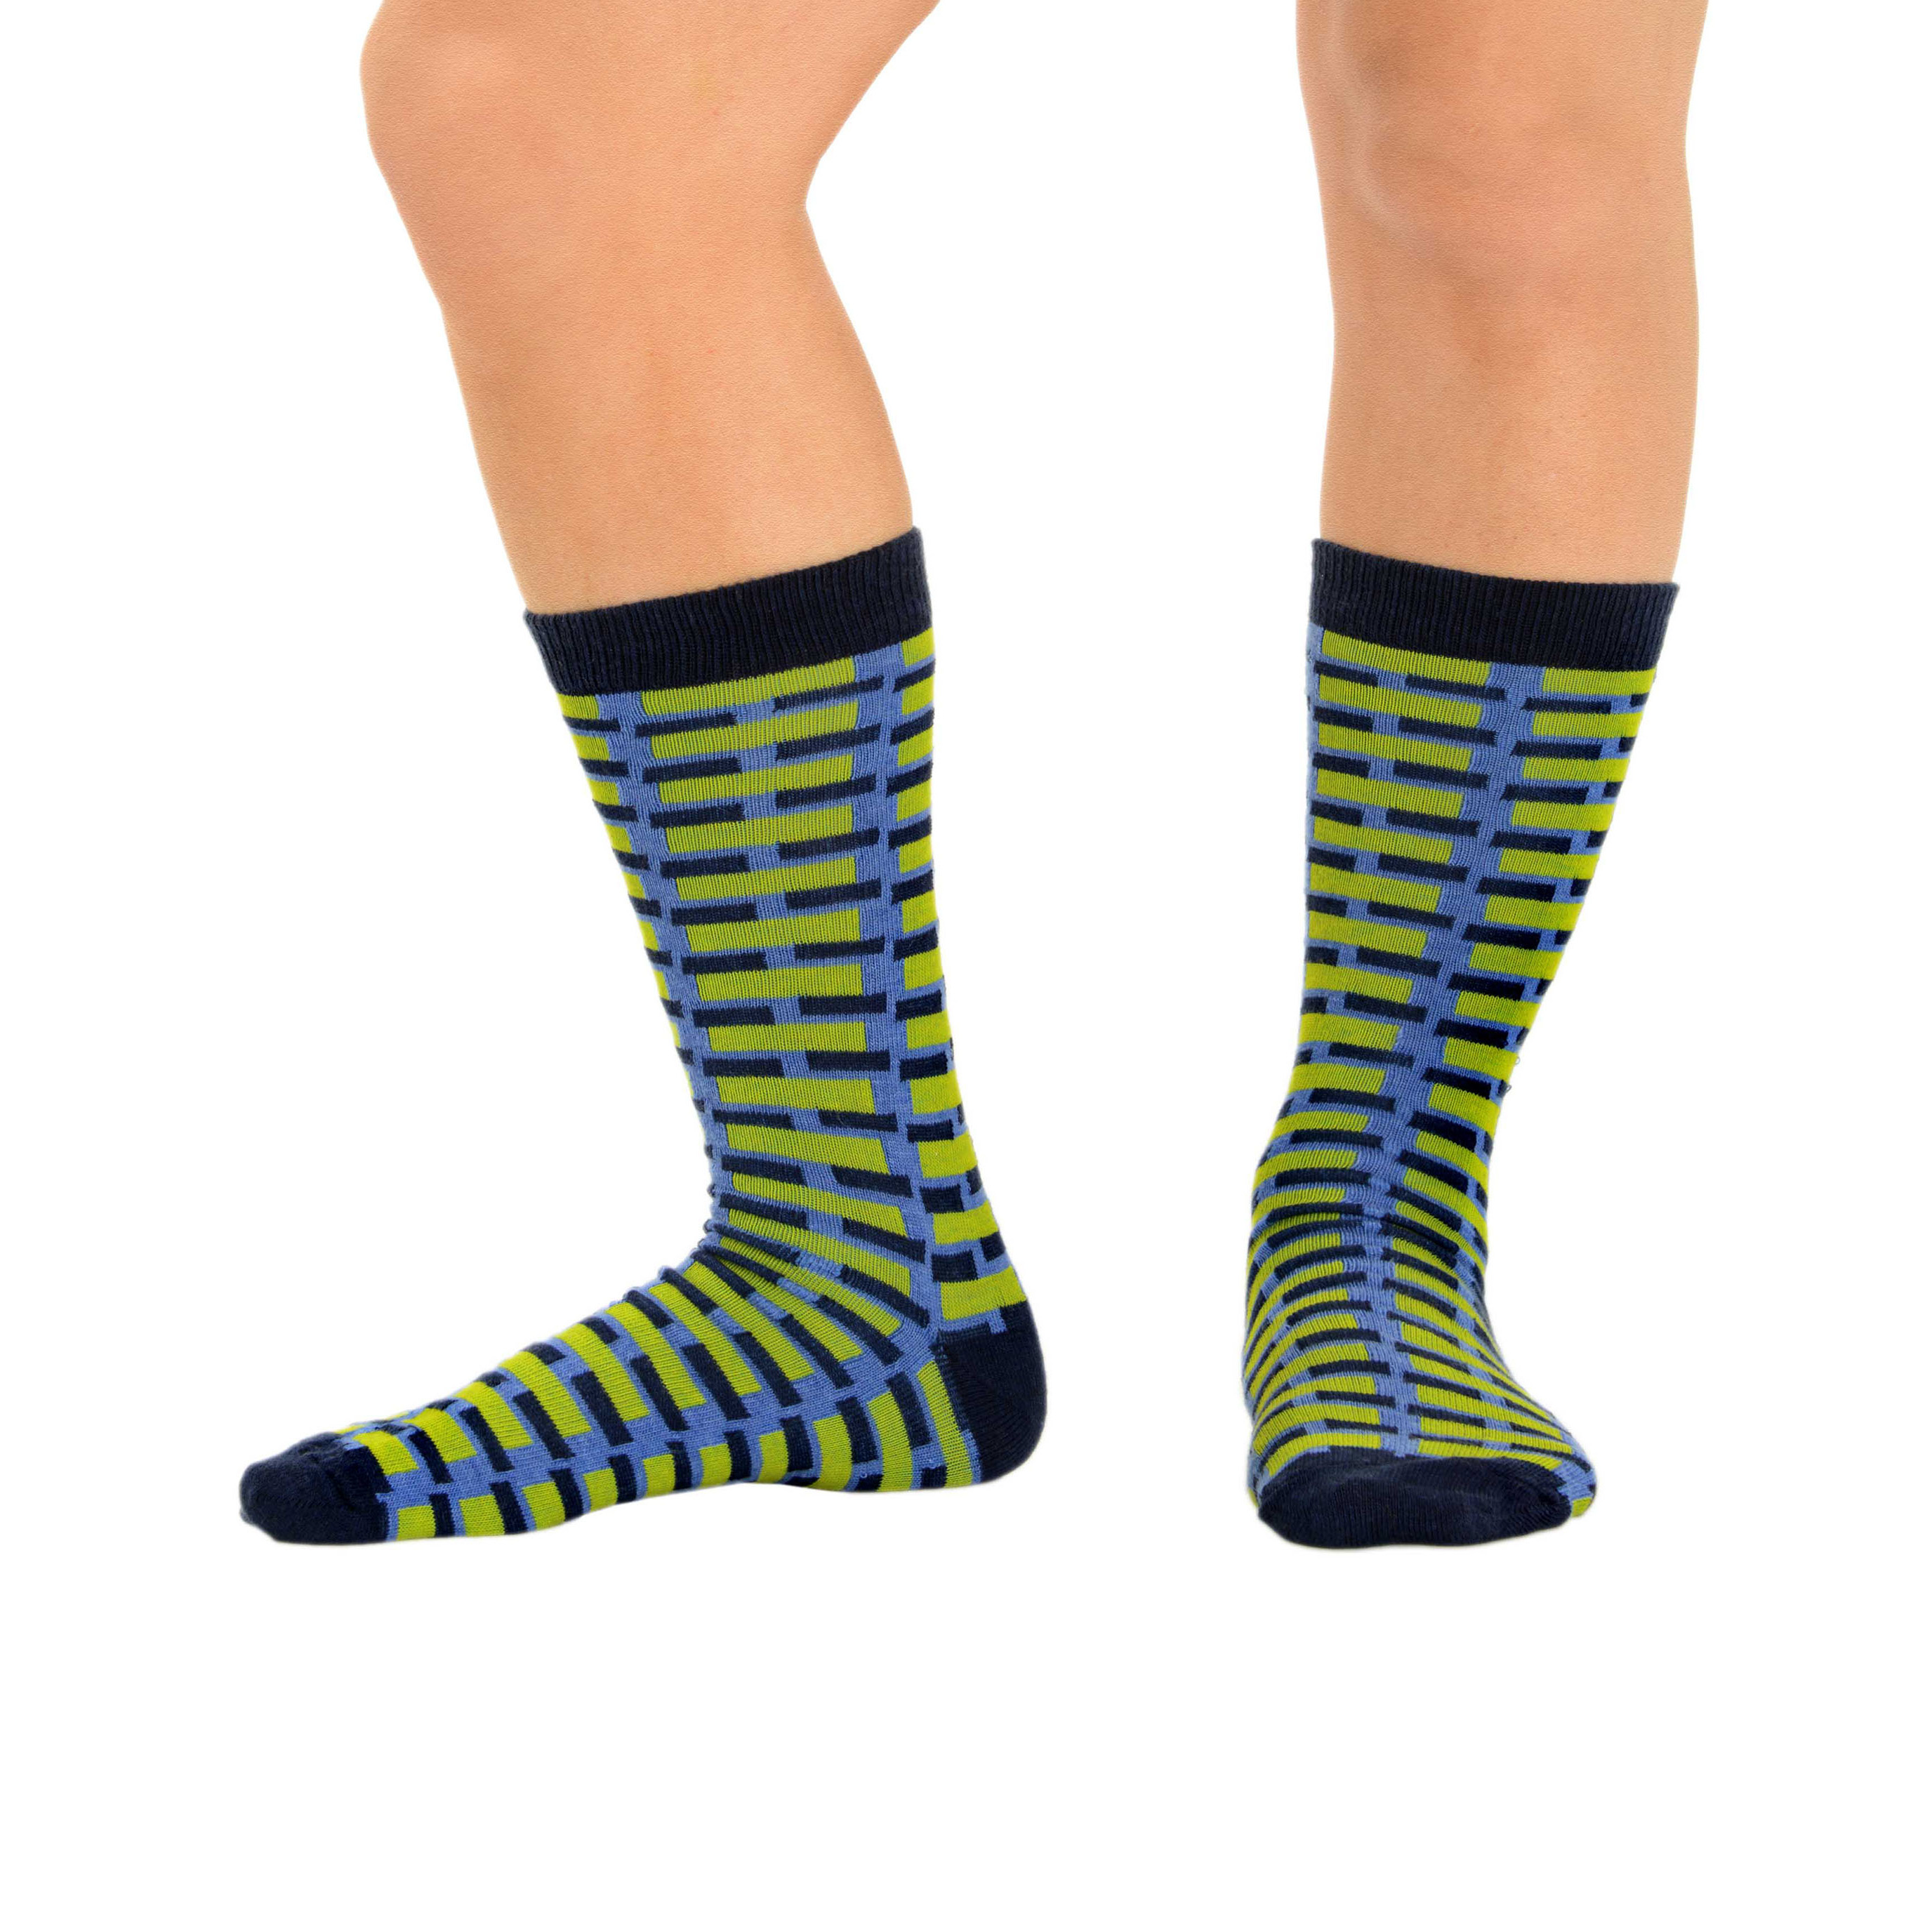 Crazy Crew Socks for Men Patterned Cotton Blend Dress ...